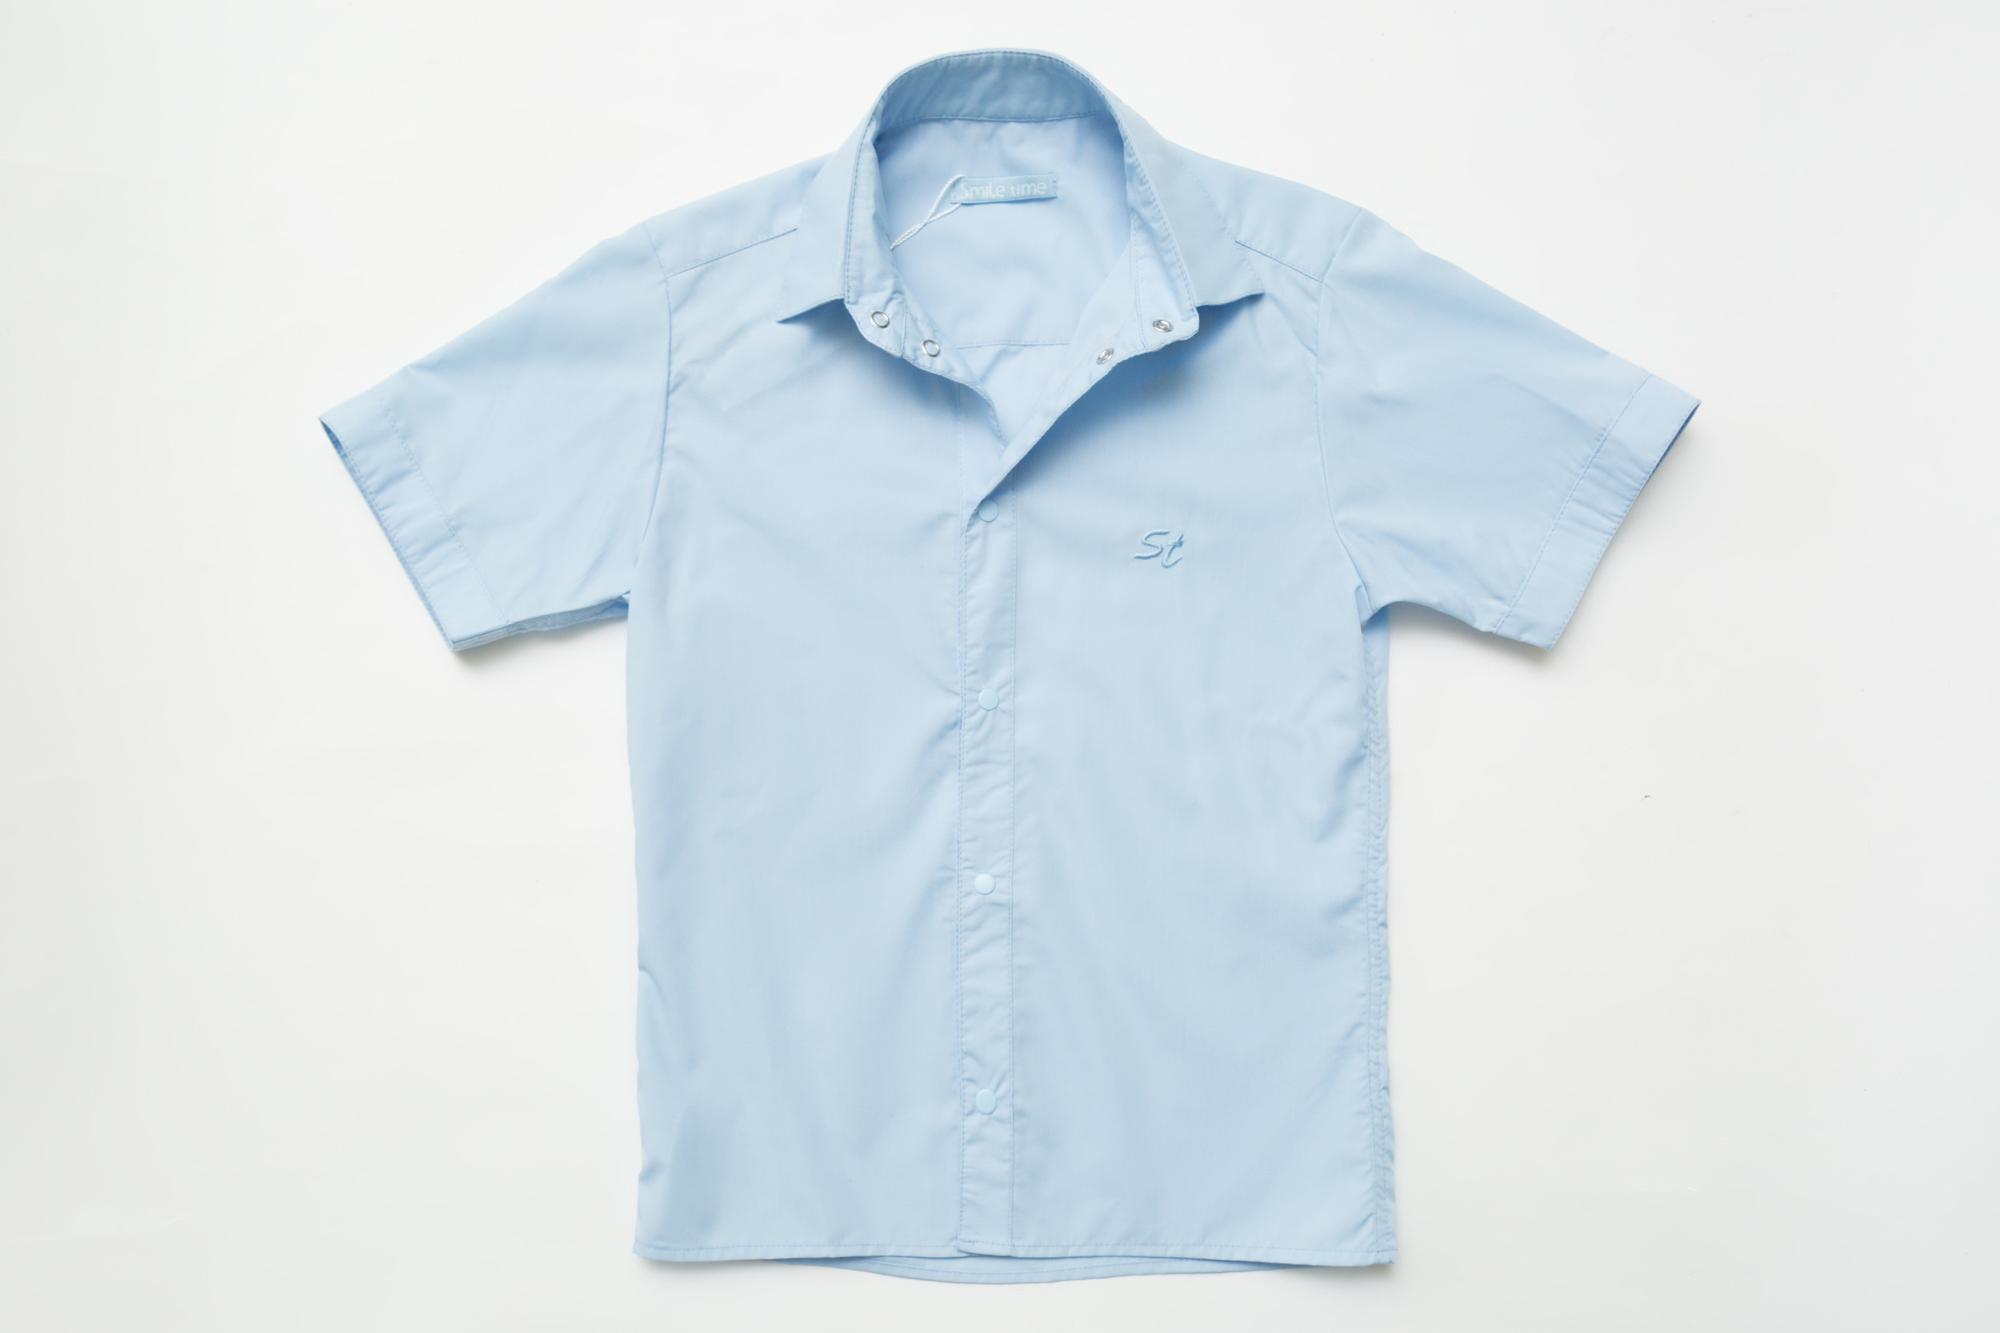 Рубашка SmileTime для мальчика с коротким рукавом на кнопках, голубая